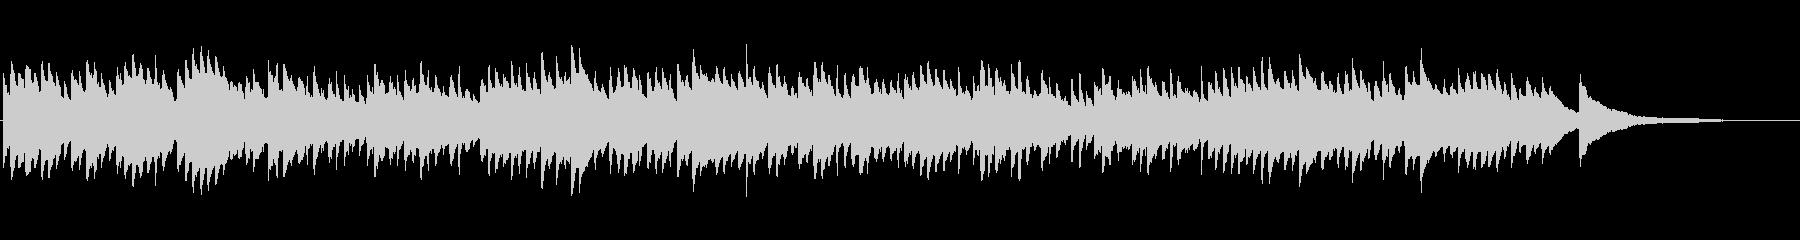 癒しアンビエント睡眠ヒーリングピアノ1分の未再生の波形